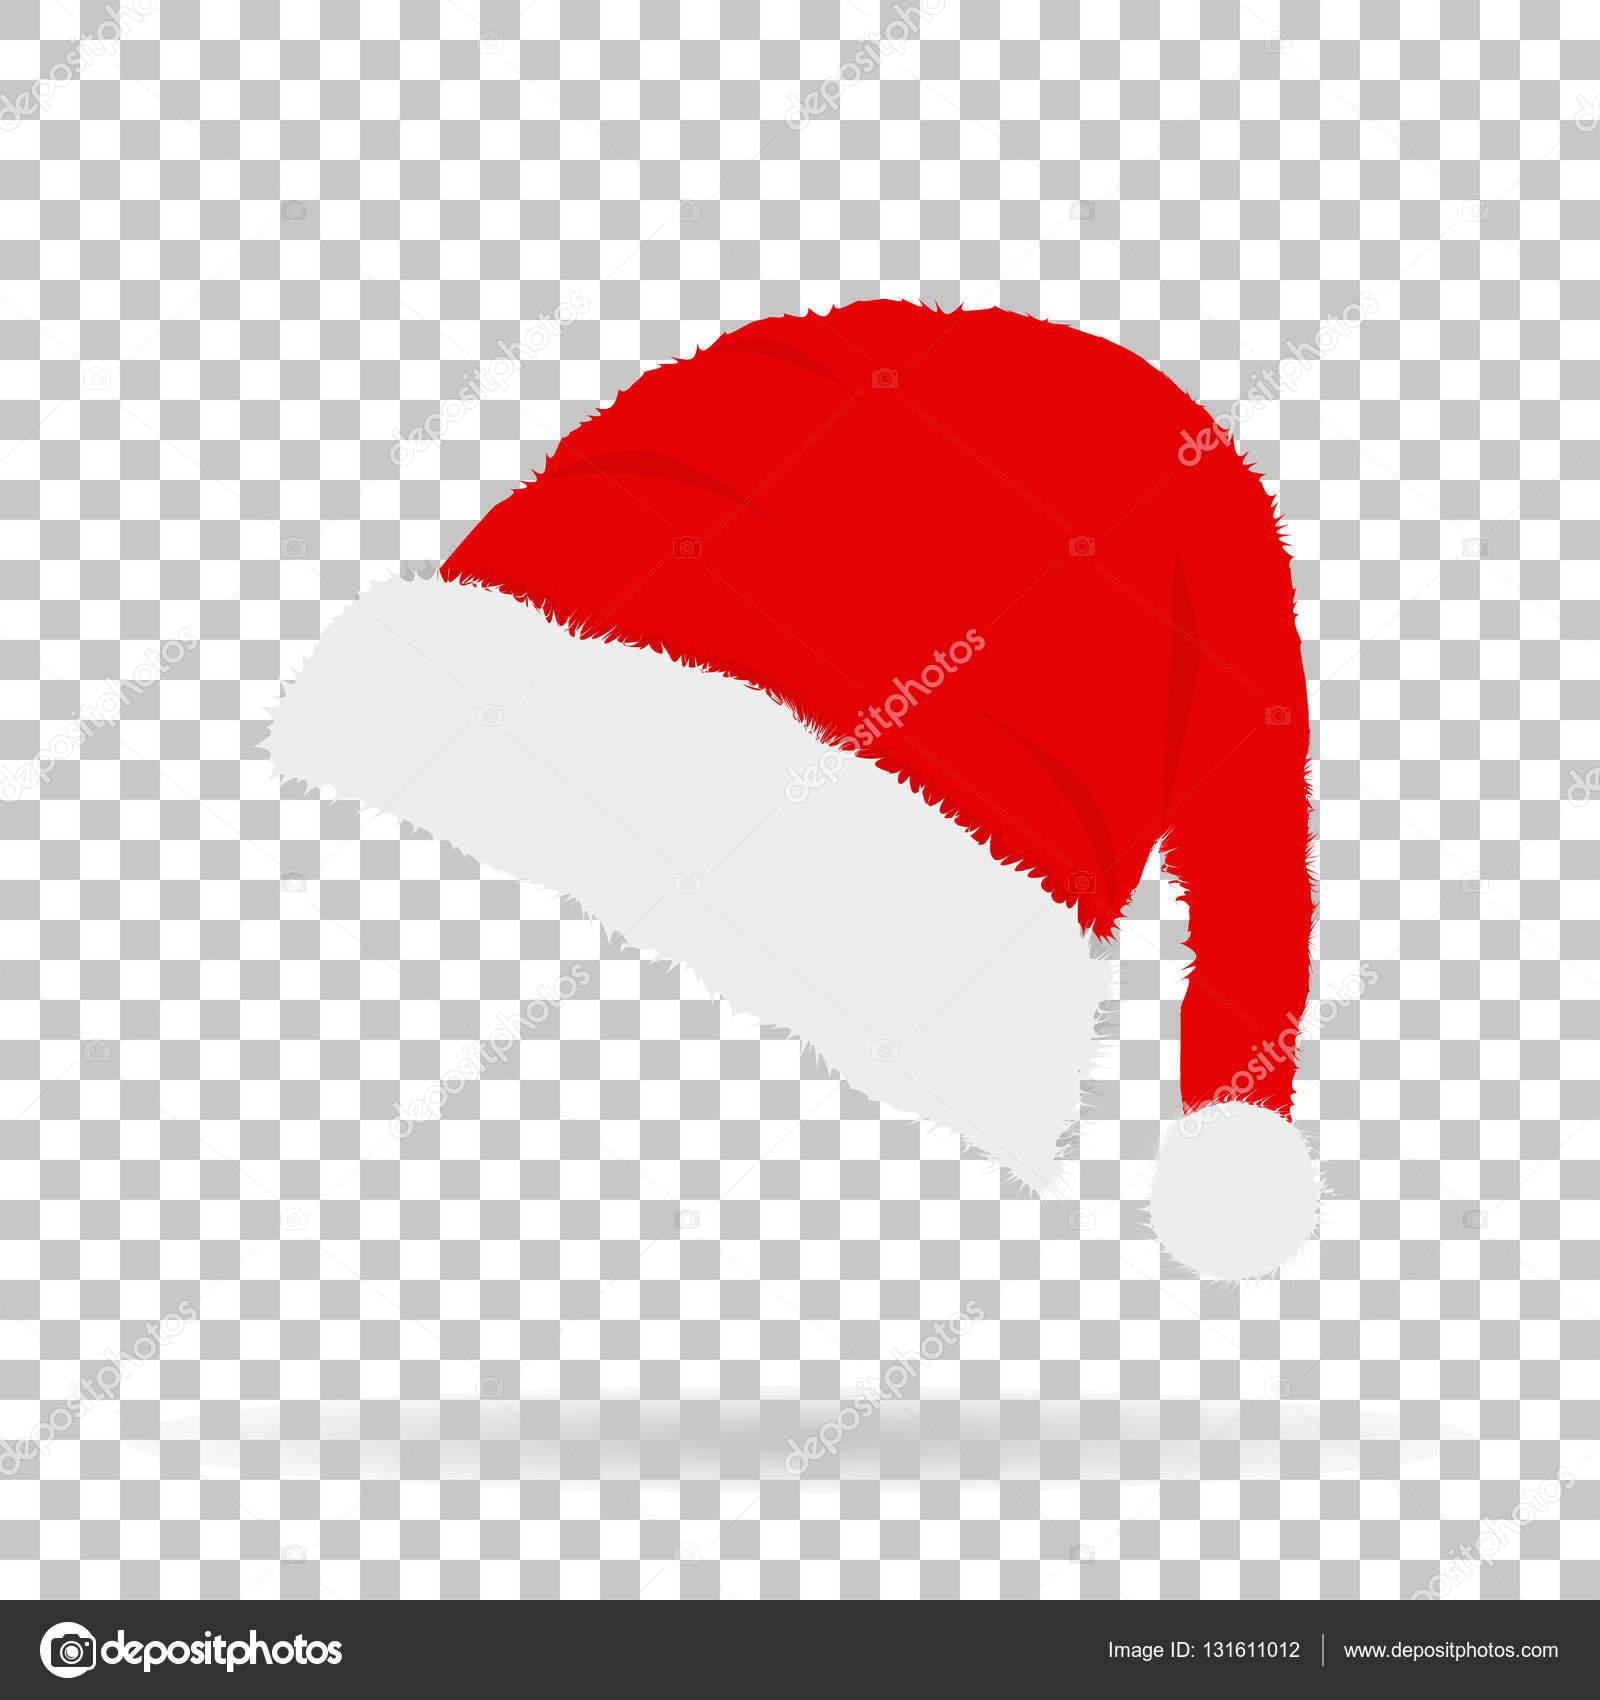 Aislar un gorro de Santa Claus en Navidad y año nuevo con sombra en el  fondo 25681e2616a